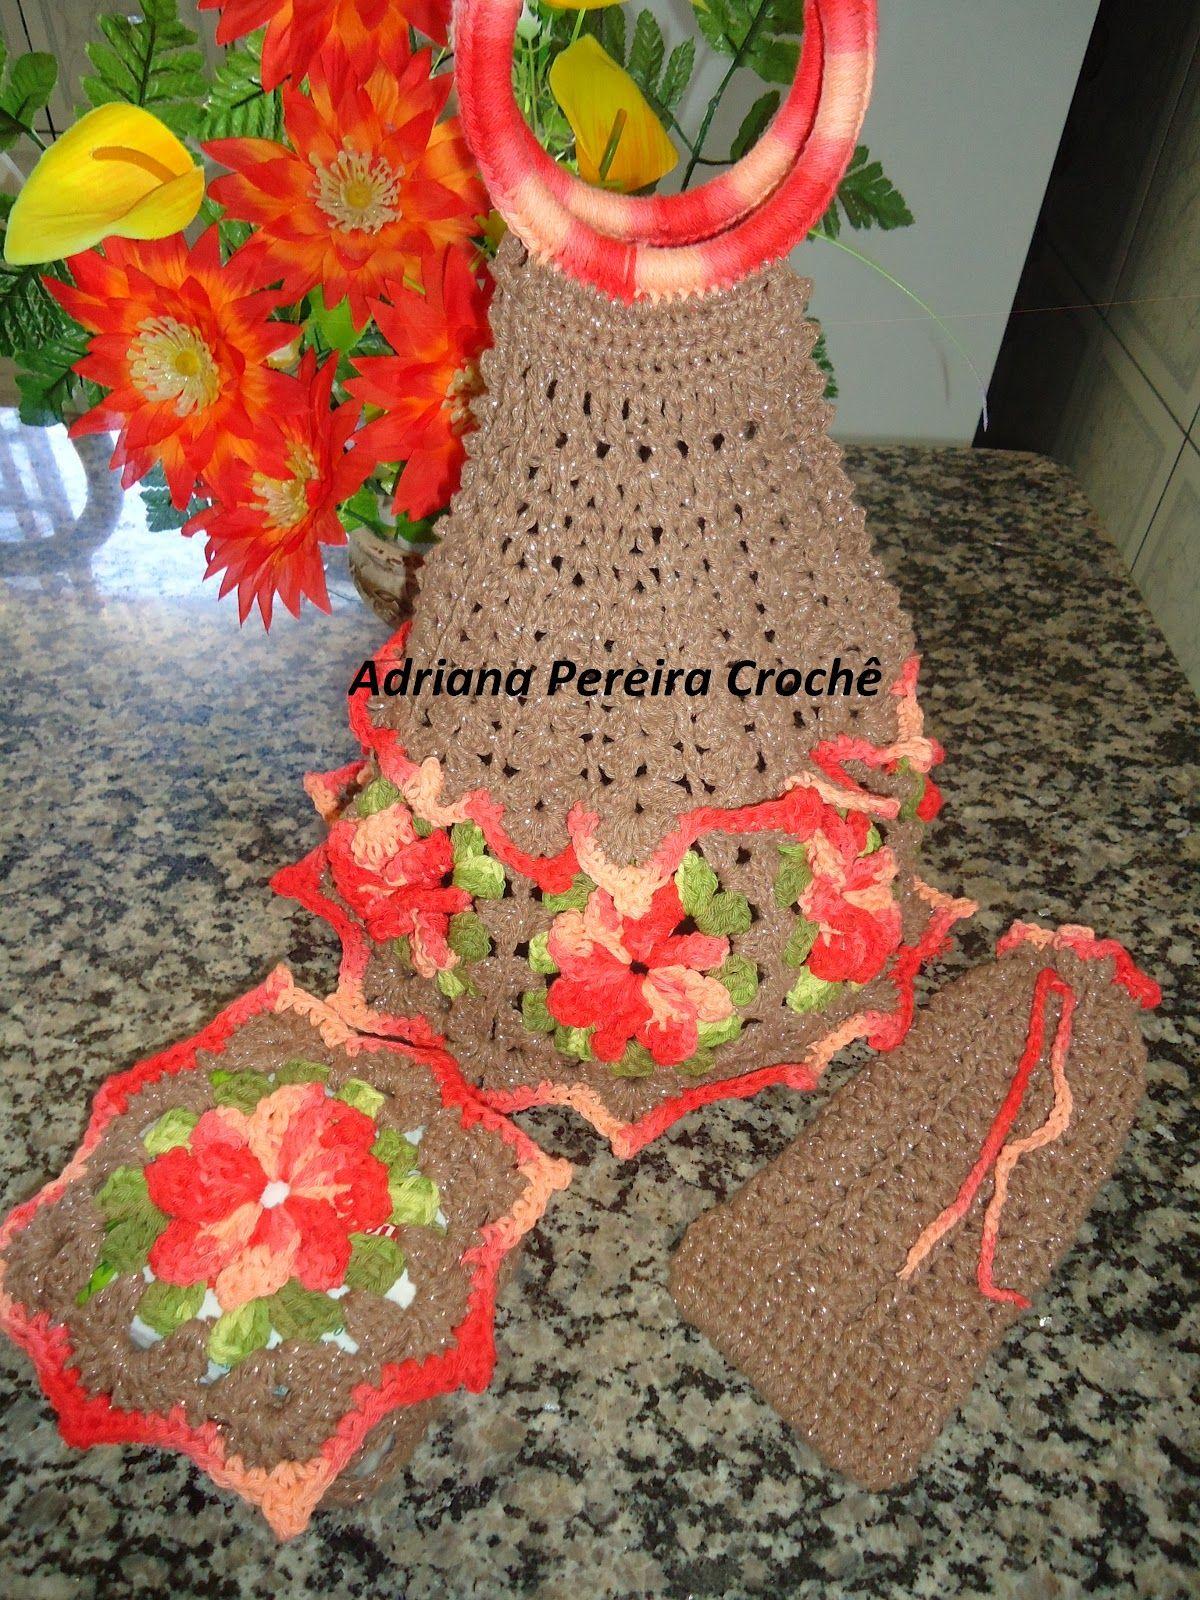 Adriana Pereira Crochê: porta pratos